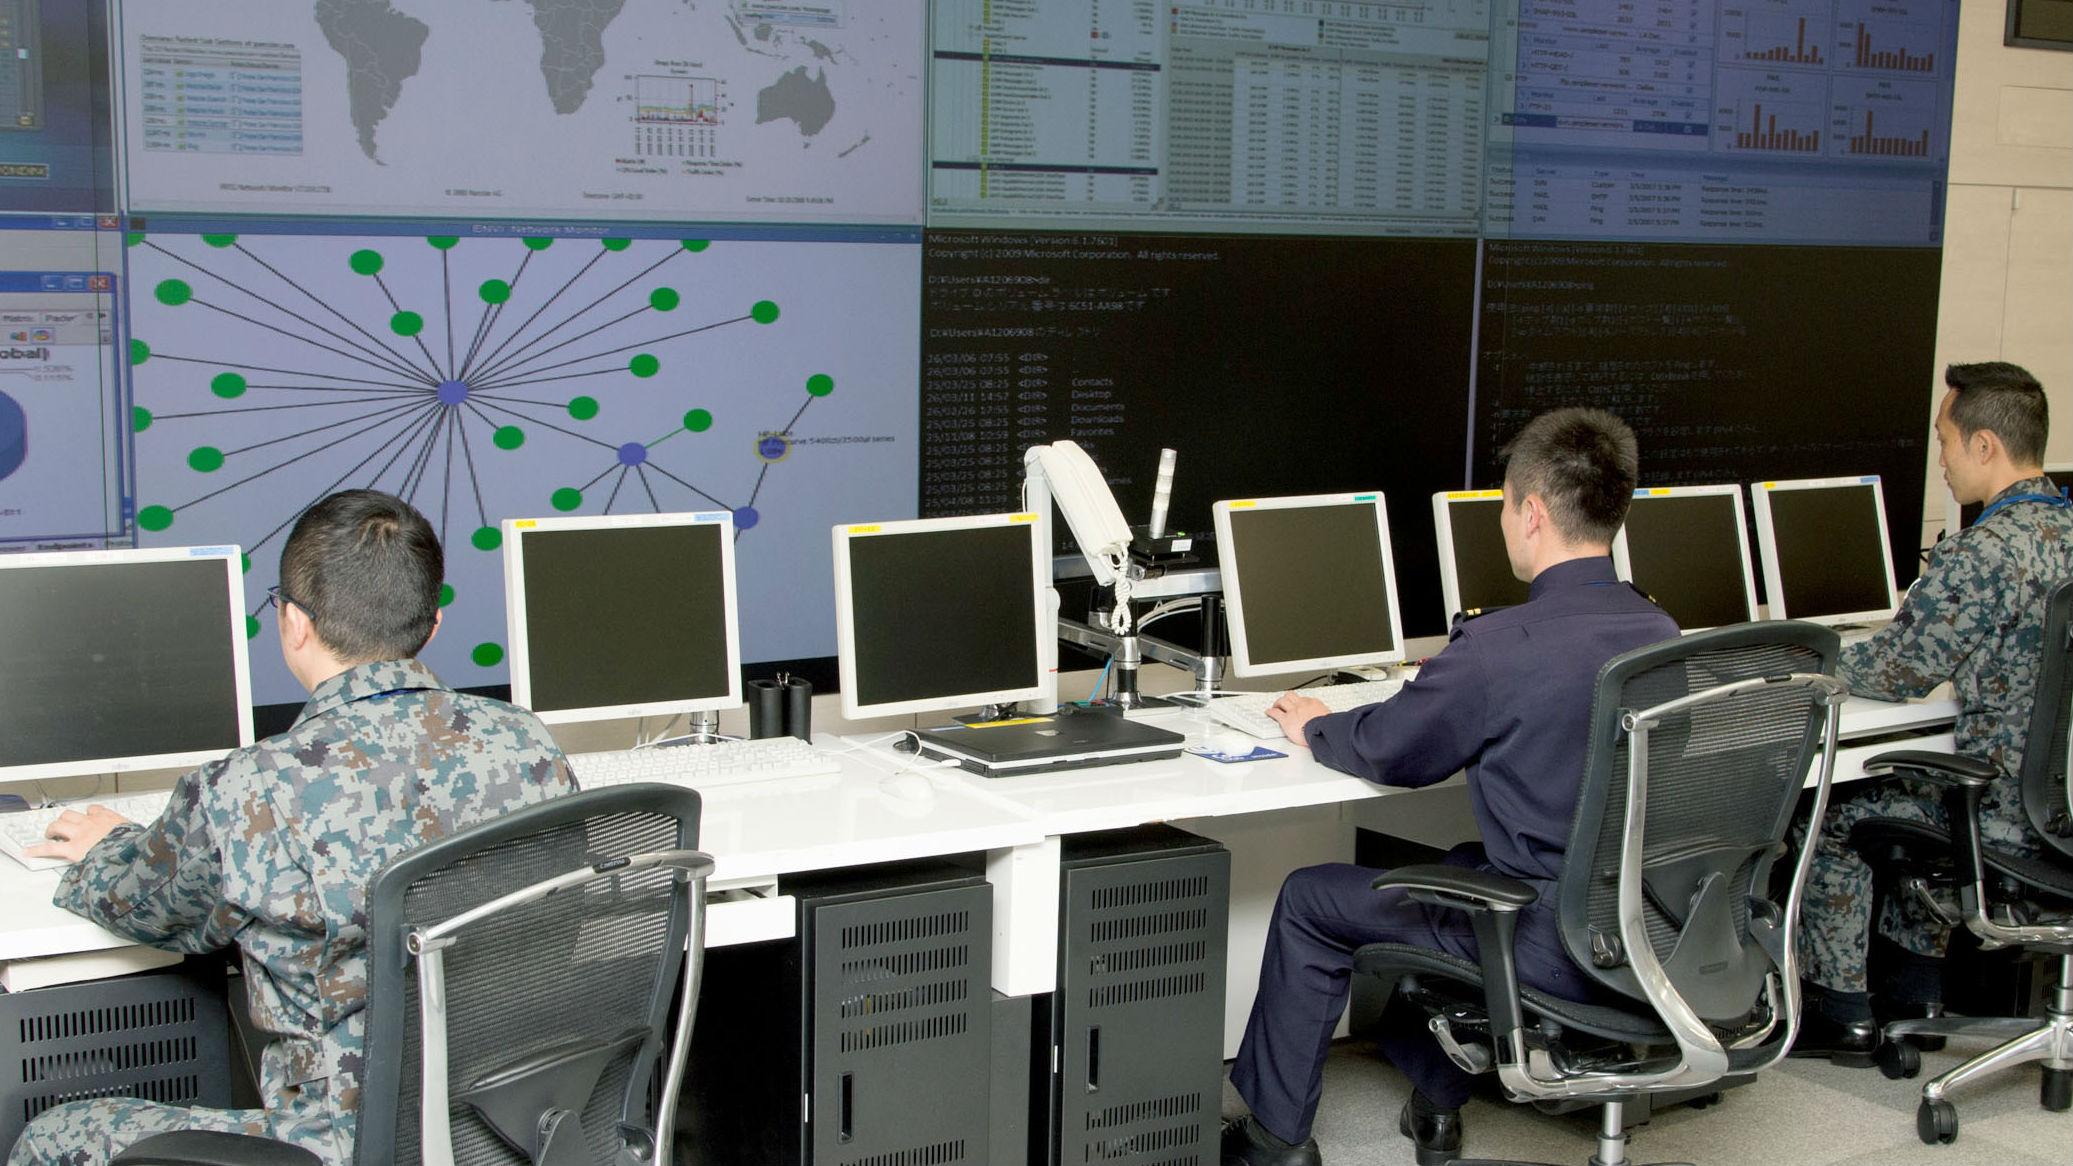 日本欲牵头建亚洲网络防卫机制